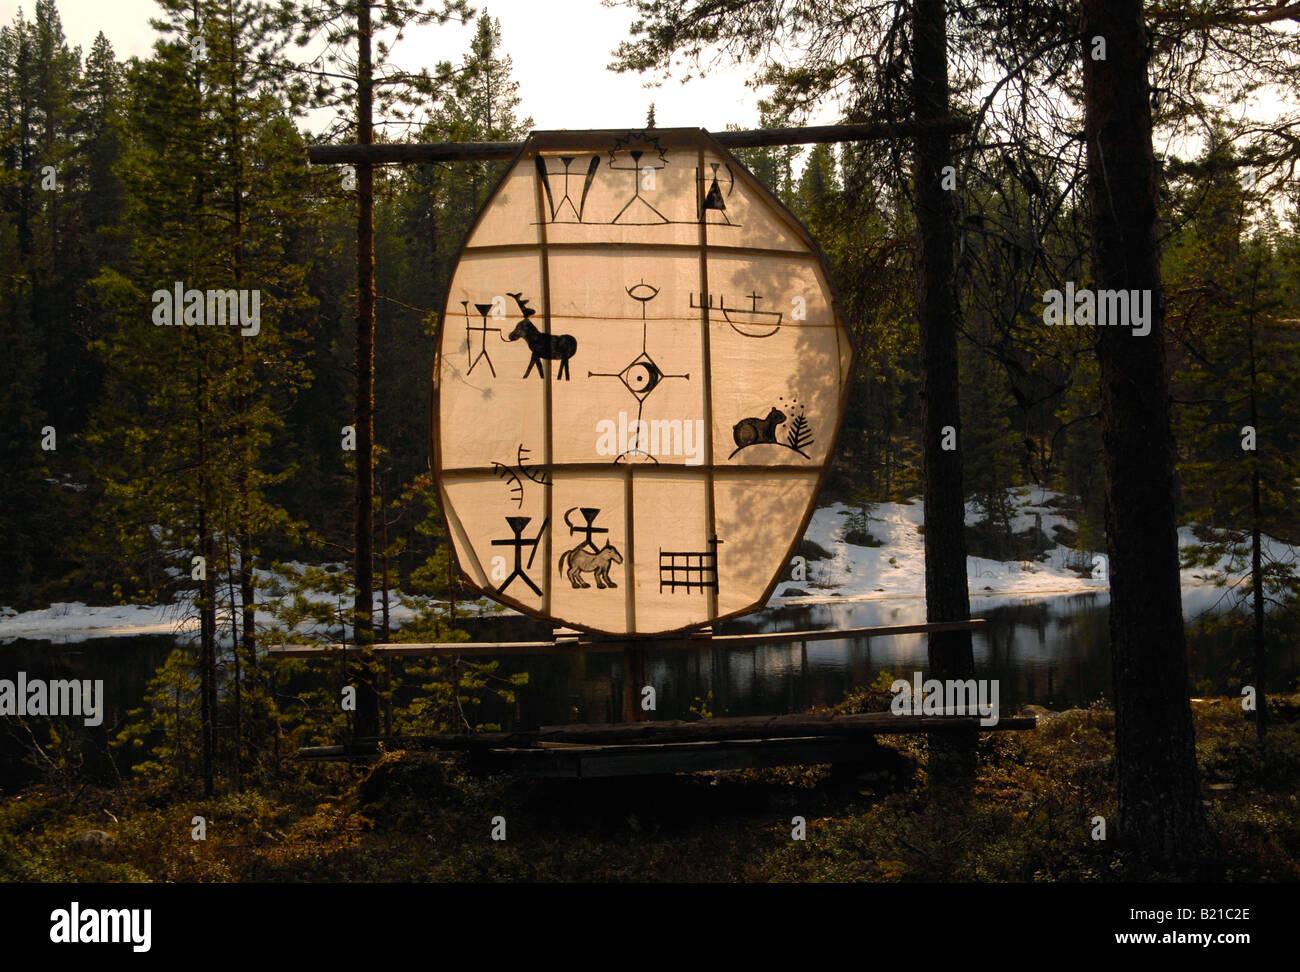 Sami tradizionale arte visualizzati a Sami centro culturale nel nord della Svezia. Immagini Stock